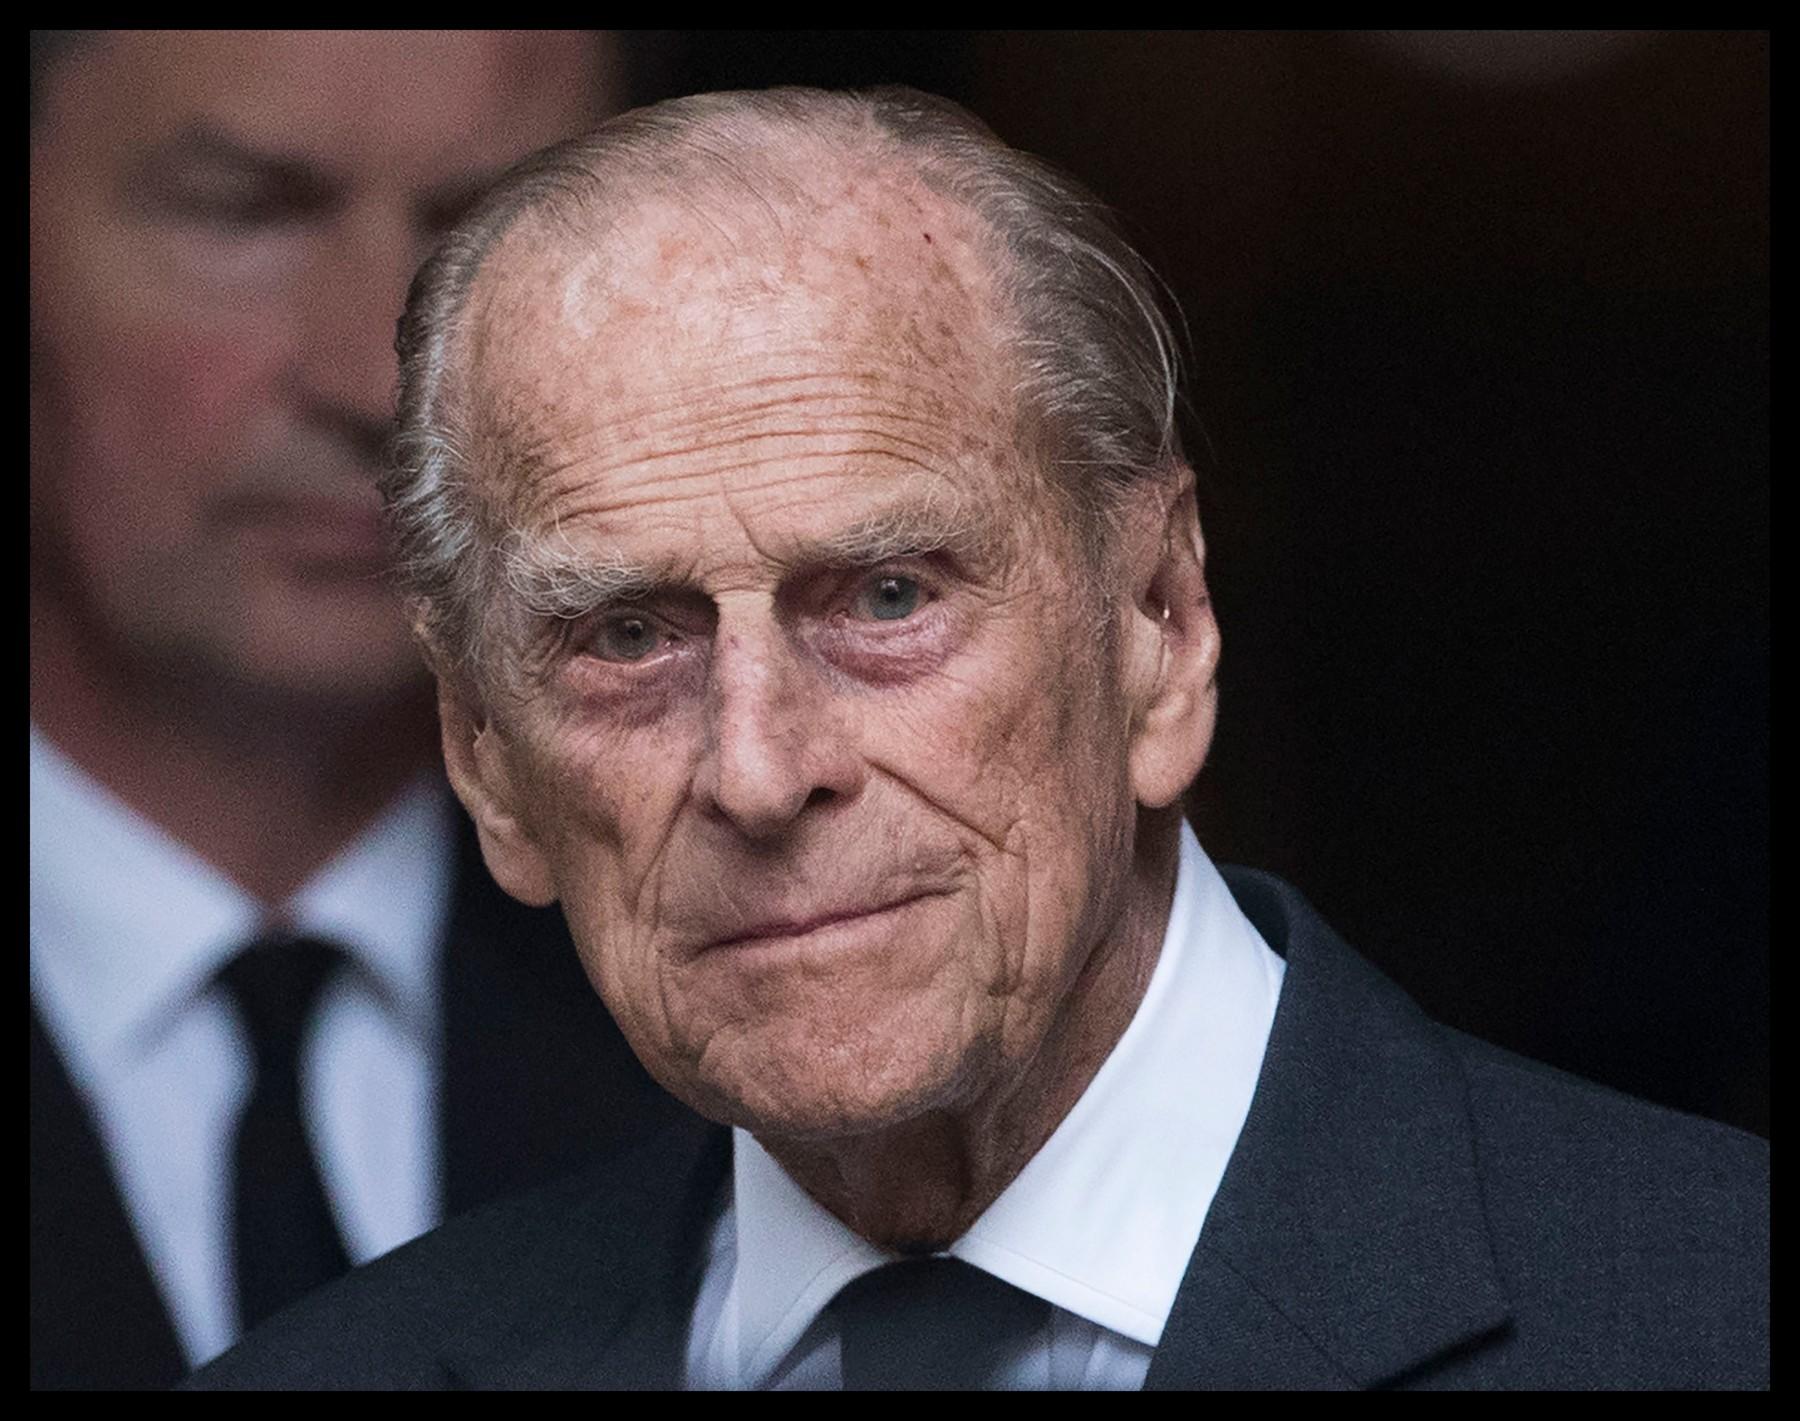 """Závěť zesnulého prince Philipa, manžela britské panovnice Alžběty II., bude zapečetěná a tajná ještě nejméně 90 let, rozhodl dnes nejvyšší soud. Důvodem je ochrana """"důstojnosti a postavení"""" královny, píše BBC News. Již více než století je v Británii zvykem, že po smrti vysoce postaveného člena královské rodiny jsou soudy požádány, aby zapečetily jejich závěti."""